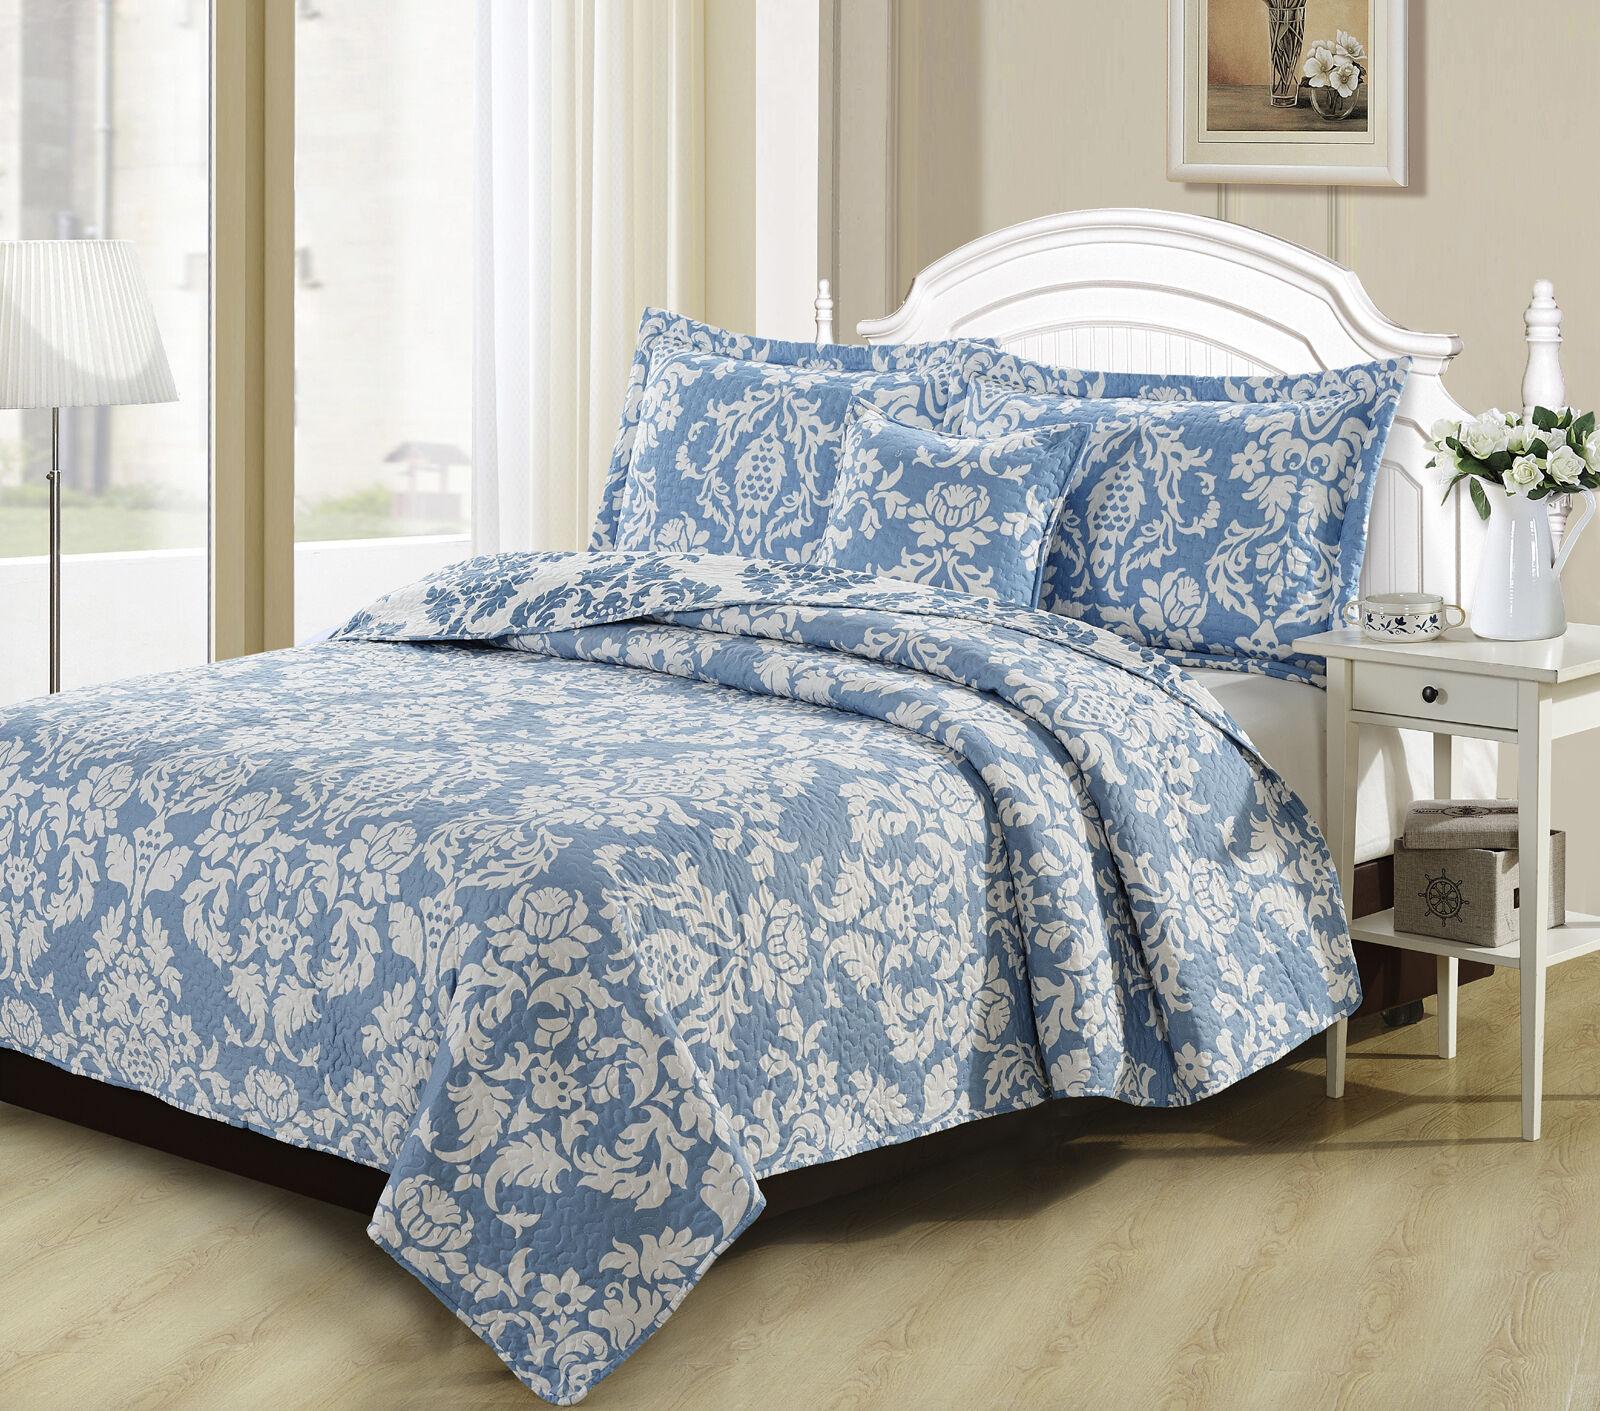 DaDa Bedding Elegant Jacquard Damask Blau Floral Quilted Bedspread Coverlet Set